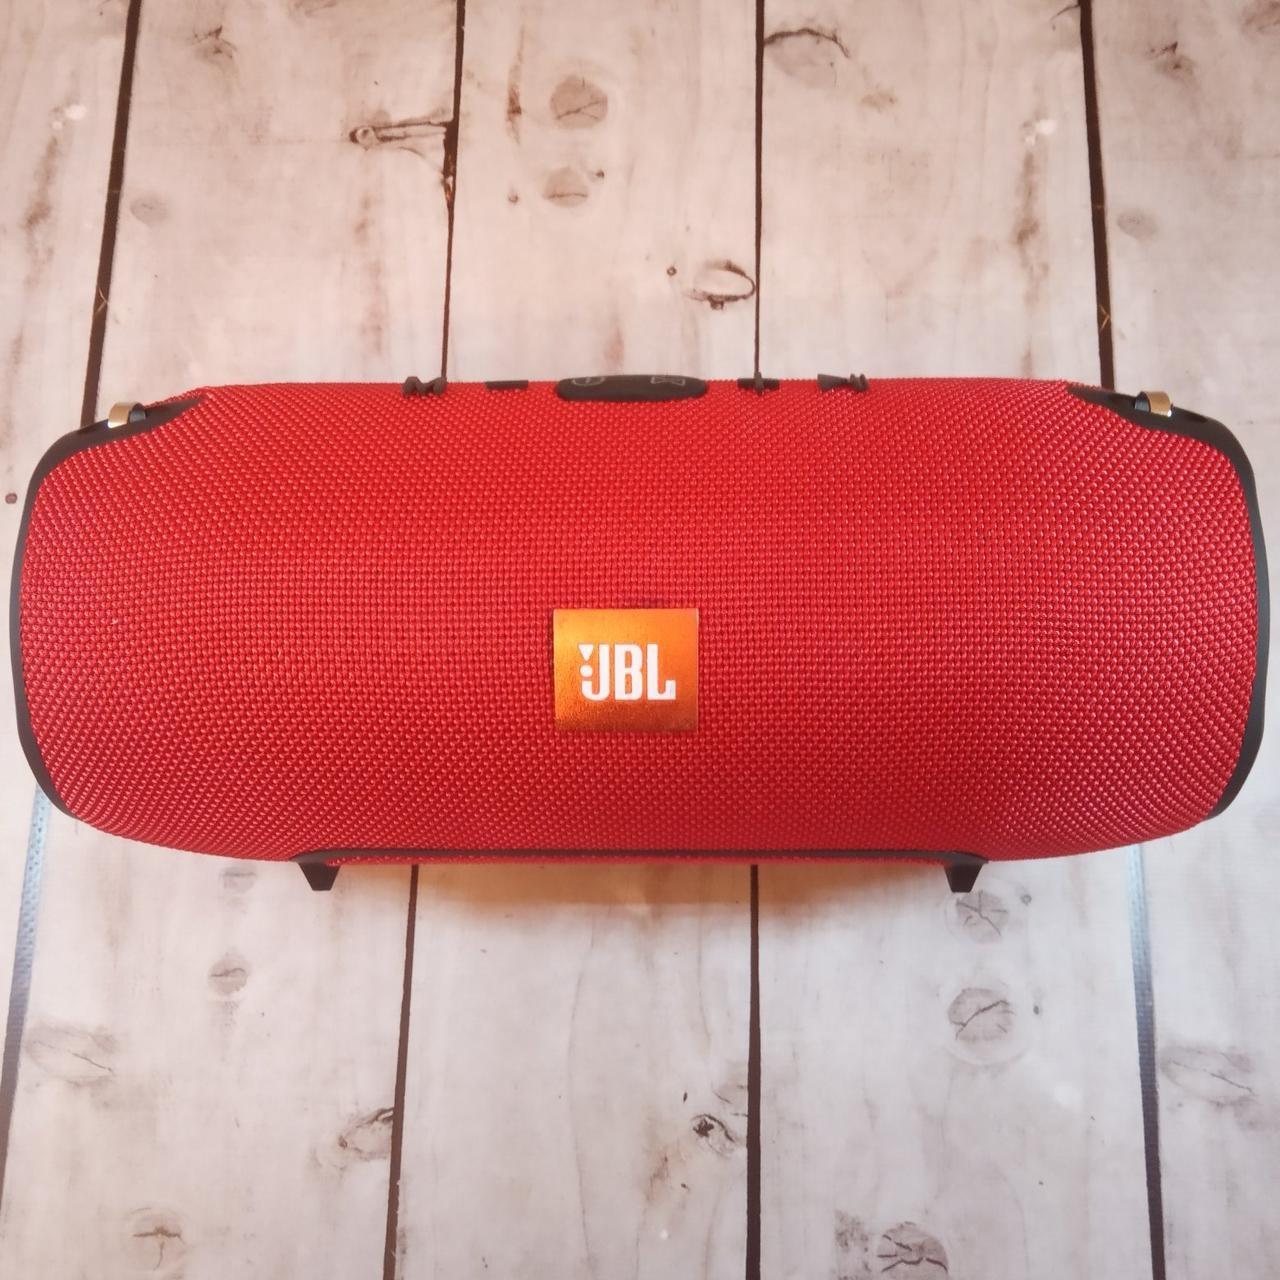 Портативная колонка в стиле JBL Xtreme Superbass Big большая - Красная (Живые фото)